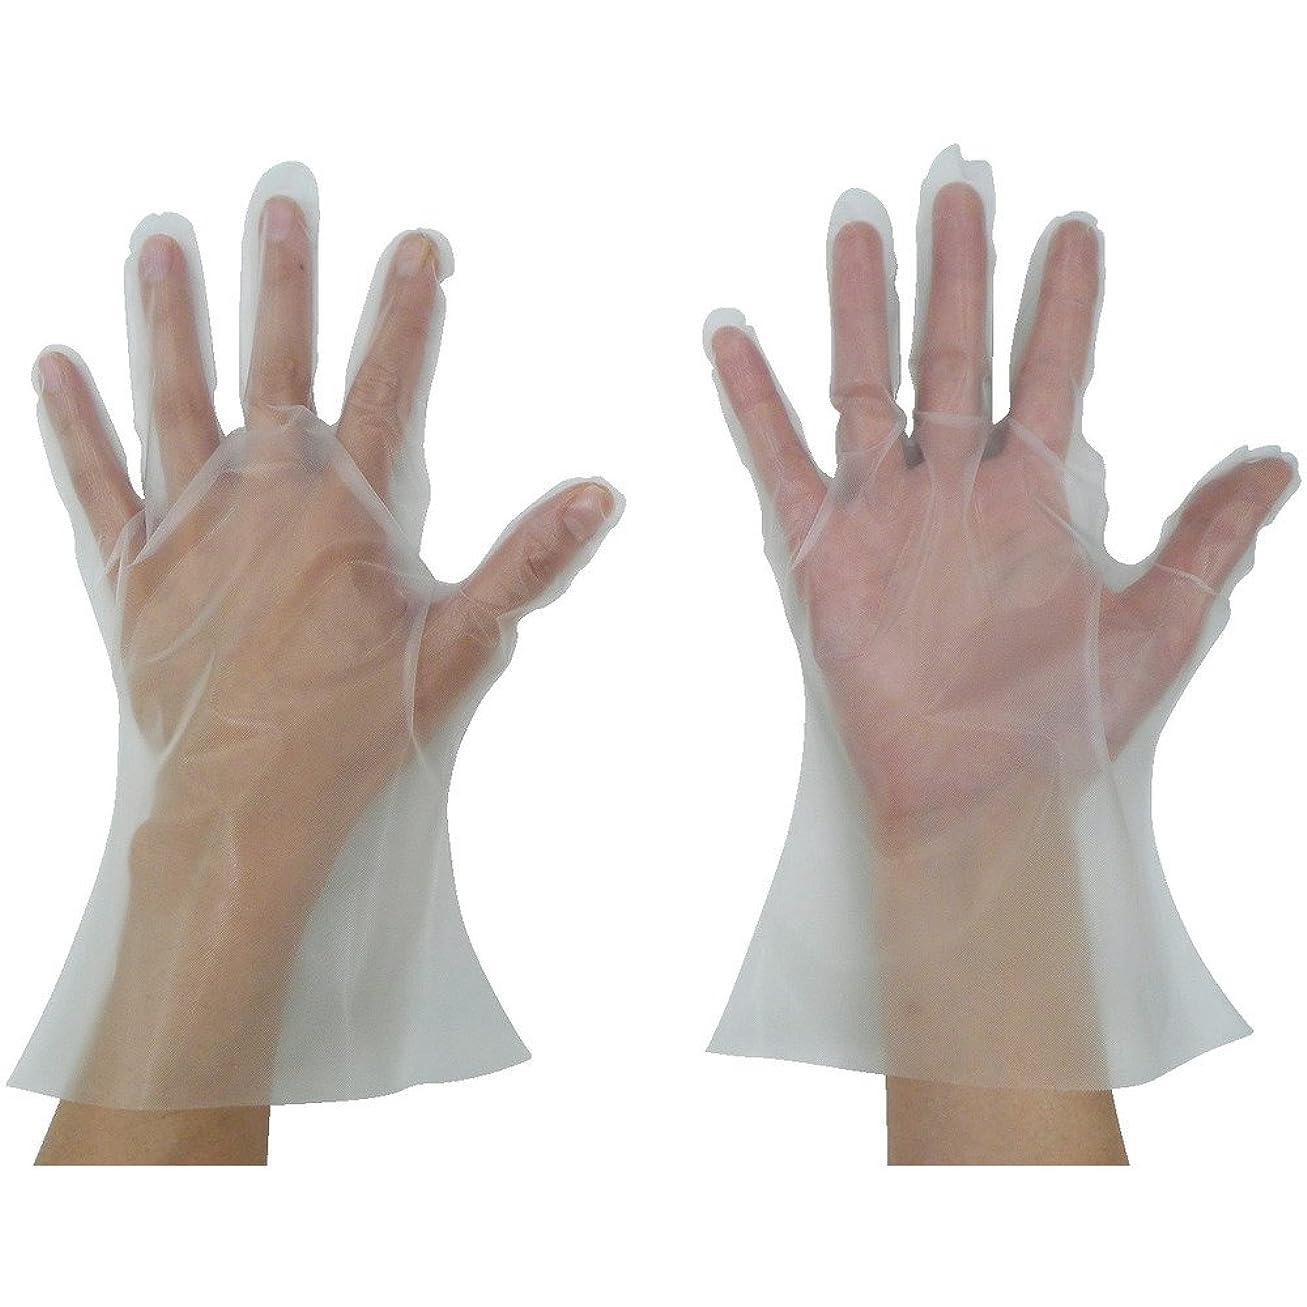 蘇生する持ってるポーチ東京パック 緊急災害対策用手袋ニューマイジャスト簡易50L 半透明 KN-L ポリエチレン使い捨て手袋